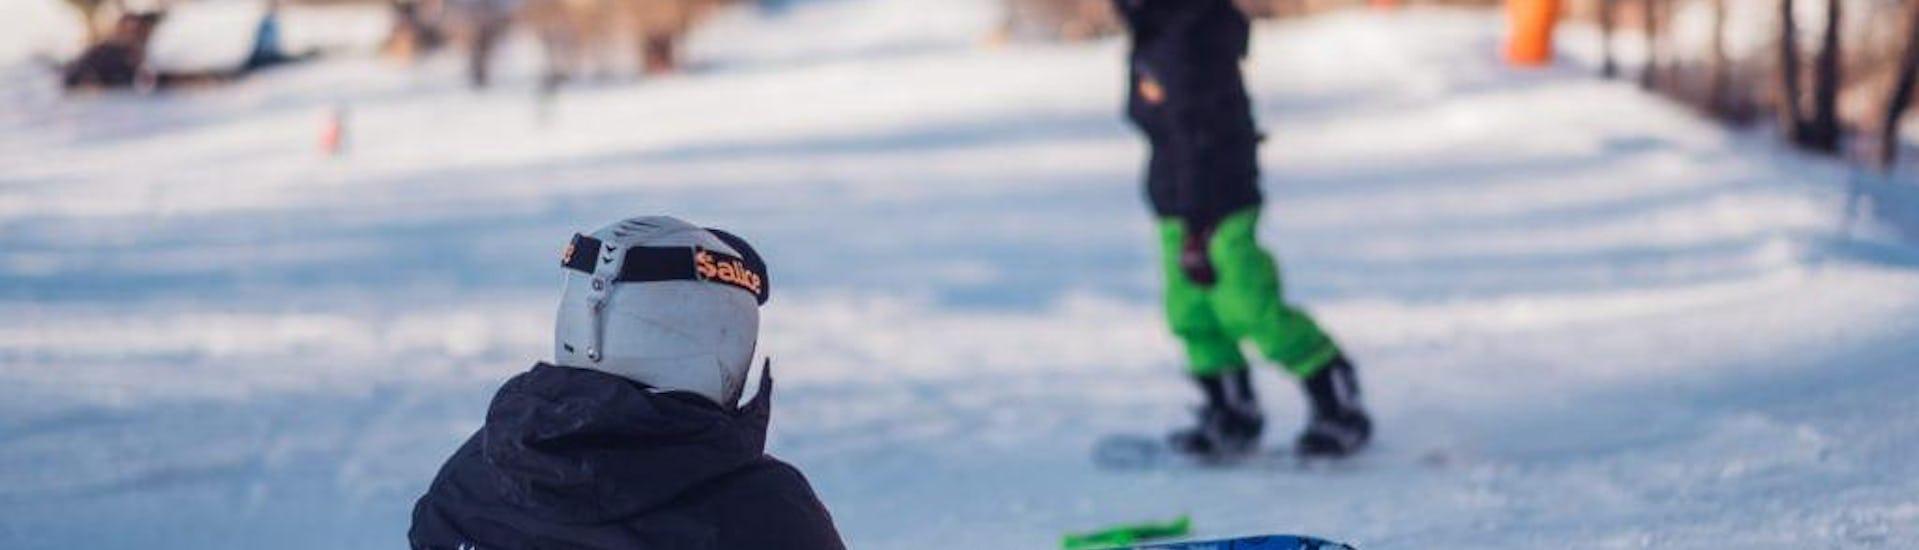 Ein kleiner Snowboarder hat Spaß im Kurs Privater Snowboardkurs für Kinder & Erwachsene - Alle Levels und profitiert von der vollen Aufmerksamkeit eines Lehrers der Skischule Scuola di Sci B.foxes.